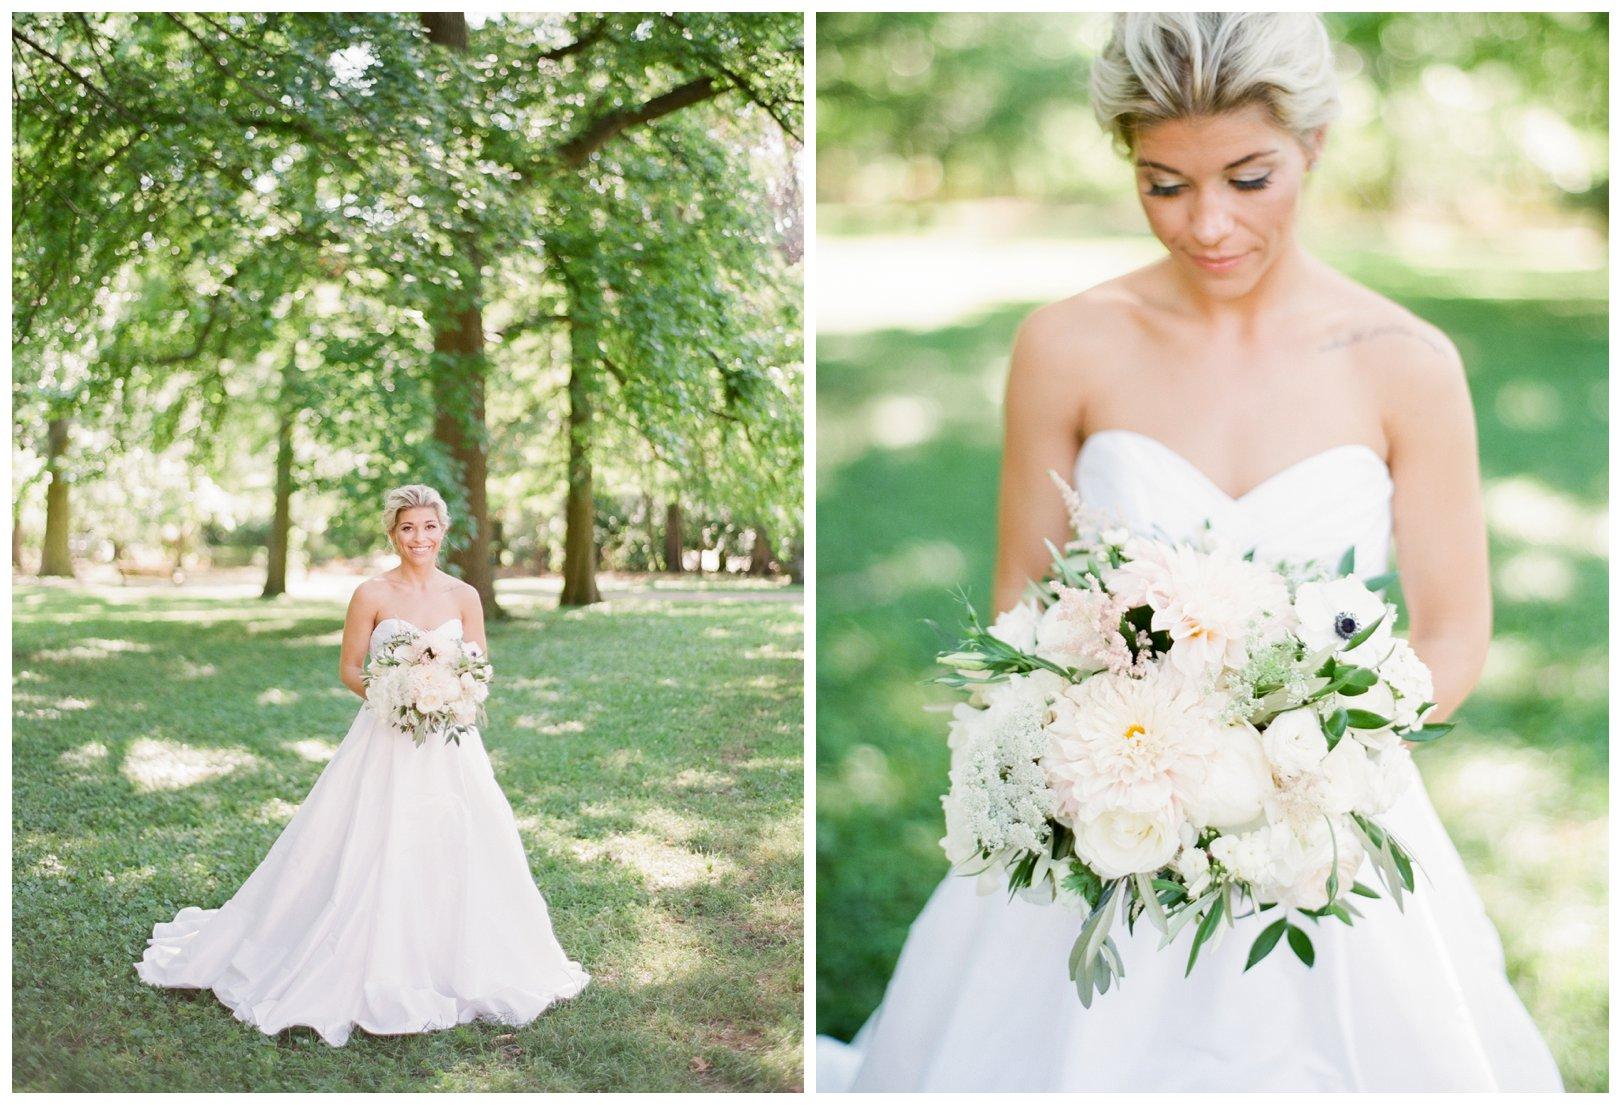 lauren muckler photography_fine art film wedding photography_st louis_photography_3534.jpg